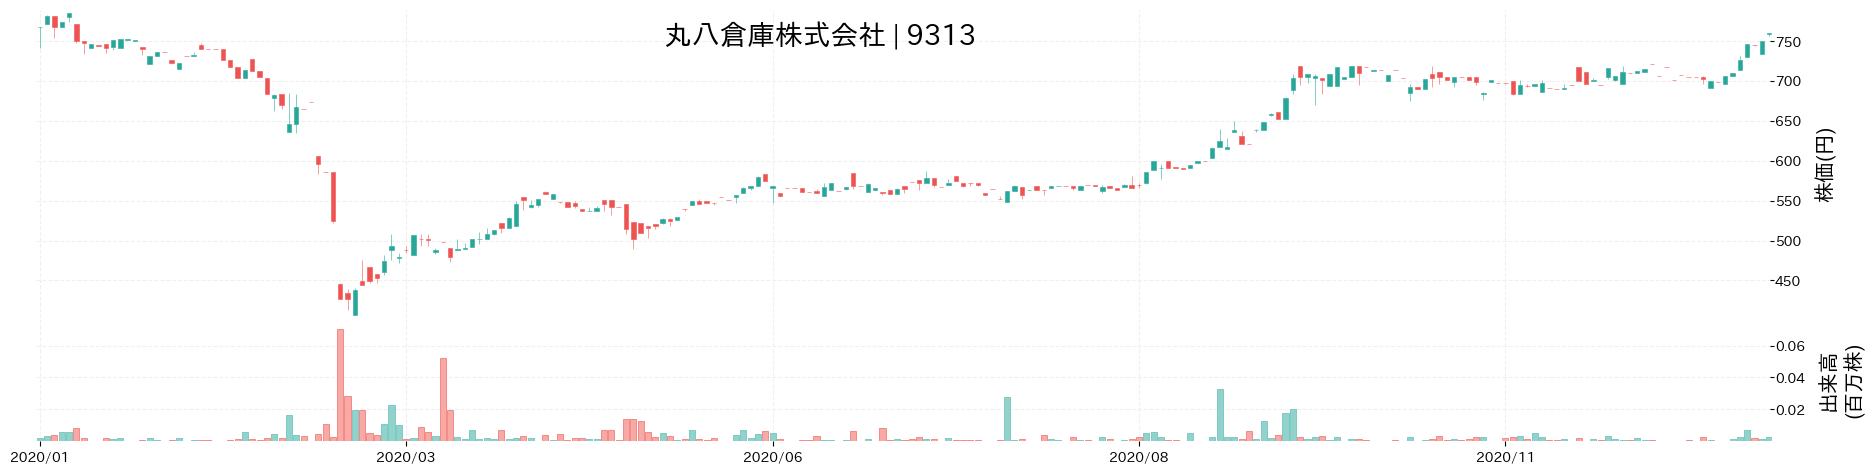 丸八倉庫株式会社の株価推移(2020)